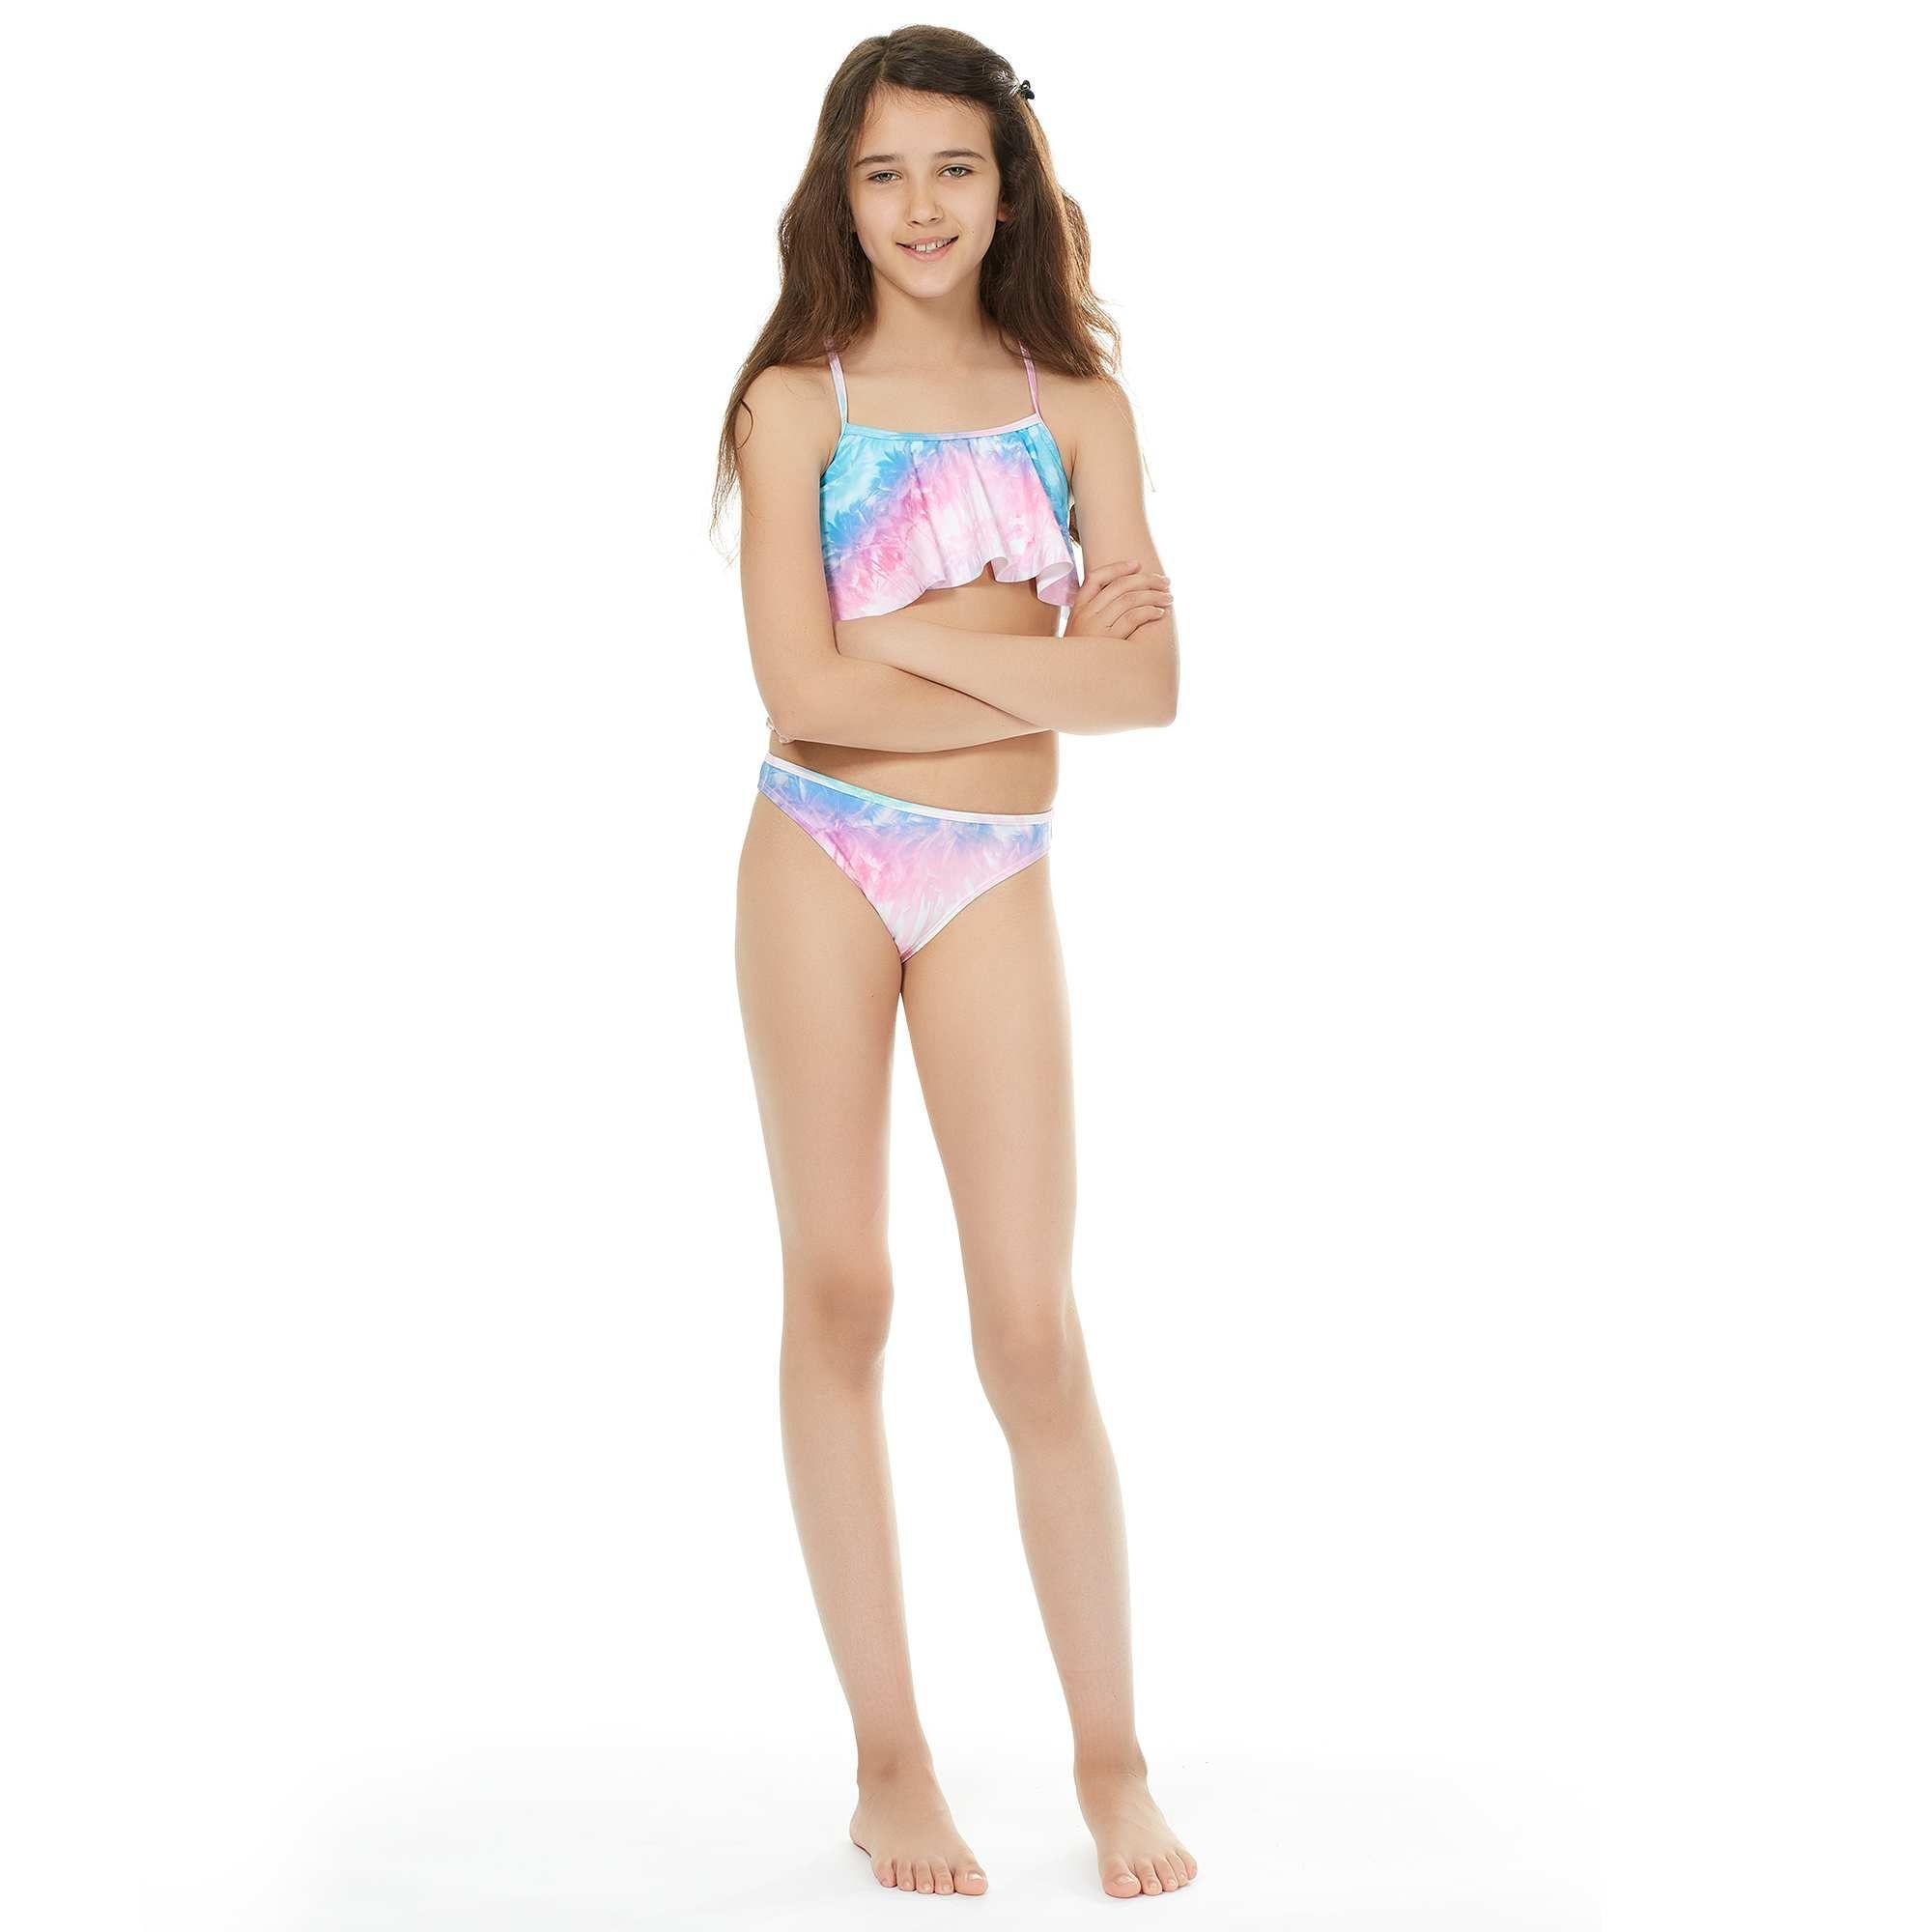 bikini-girl-underwear